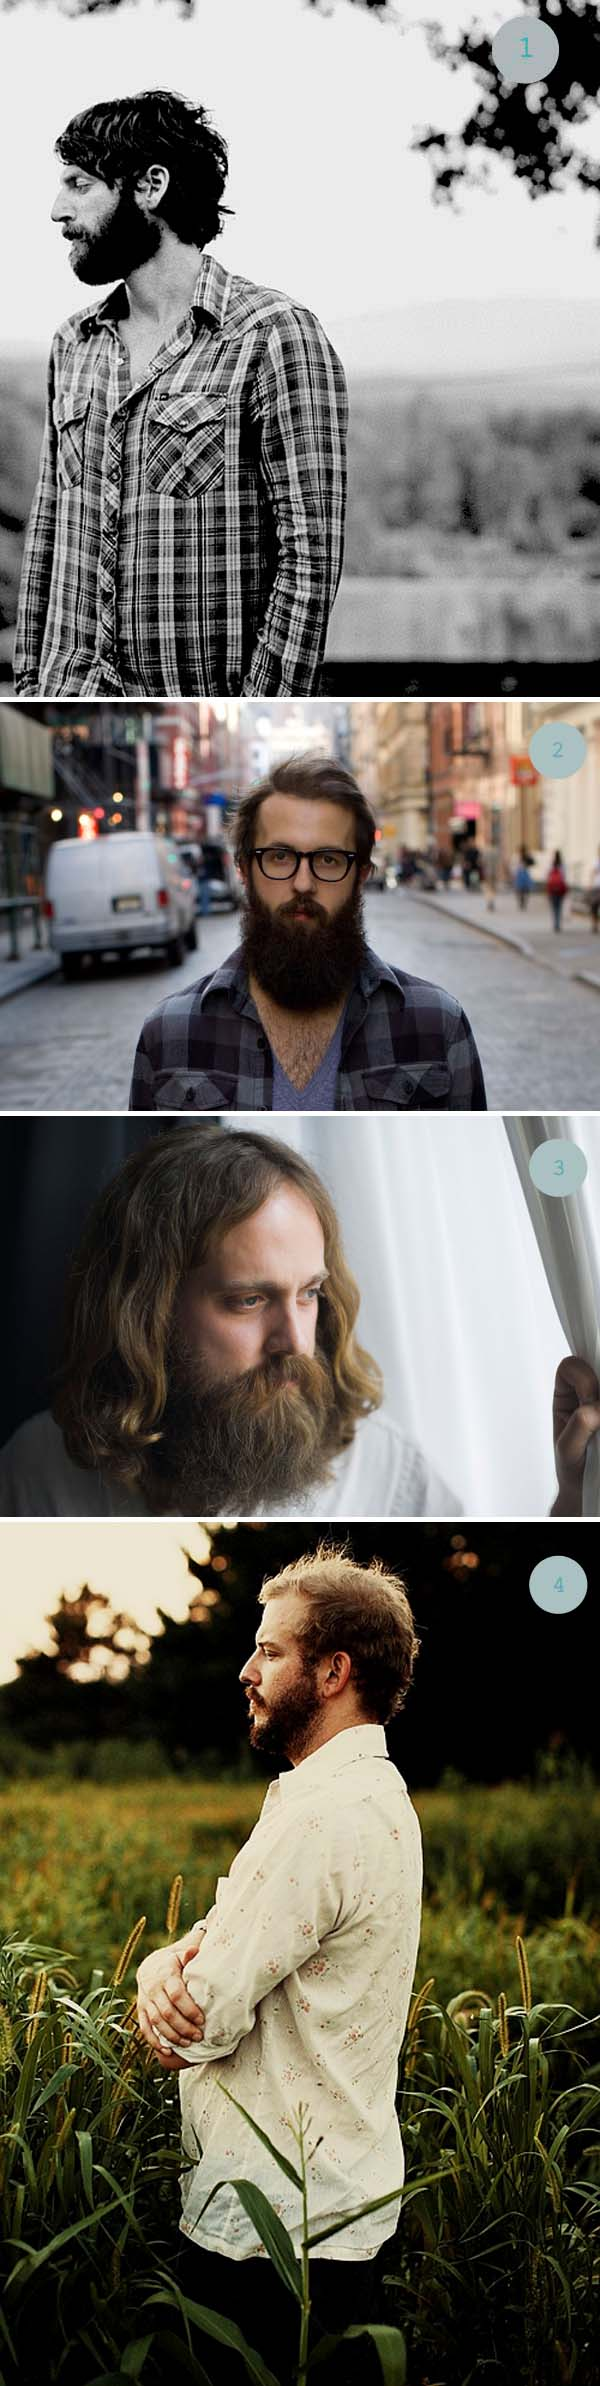 barbas cantantes